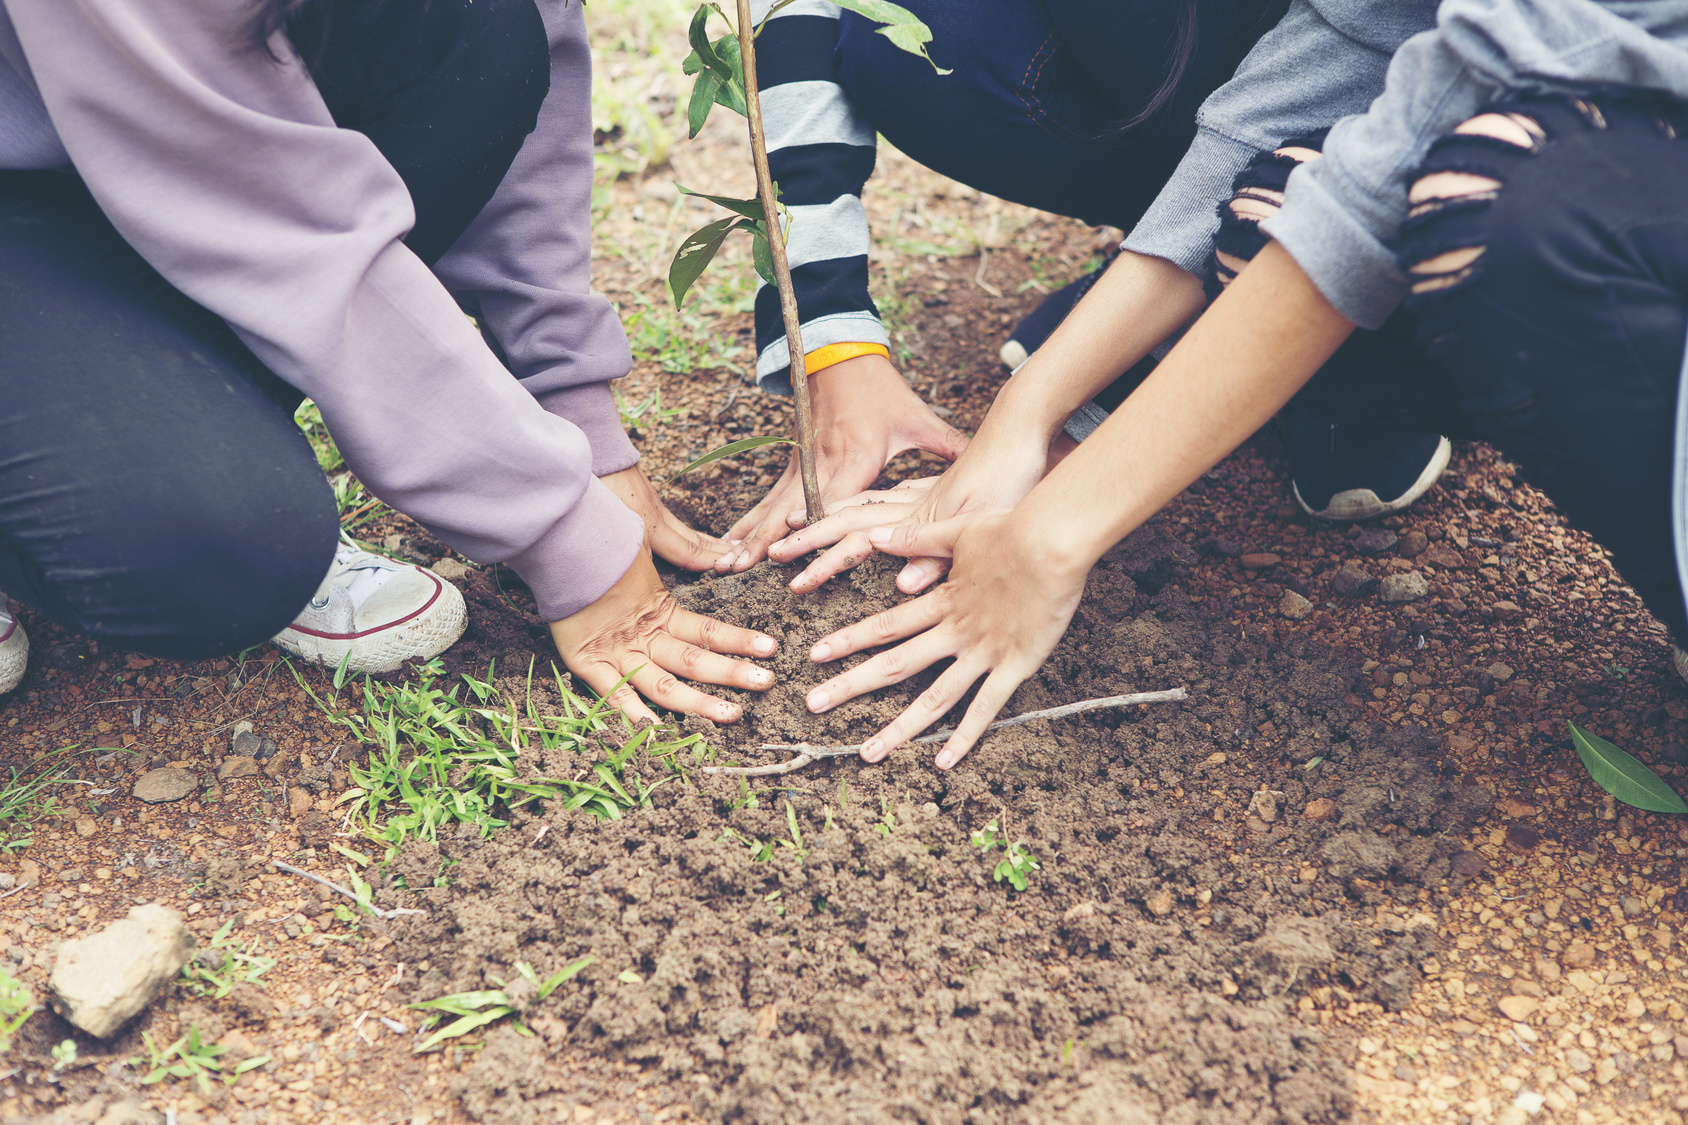 Le volontariat écologique et responsable, c'est aussi planter des arbres